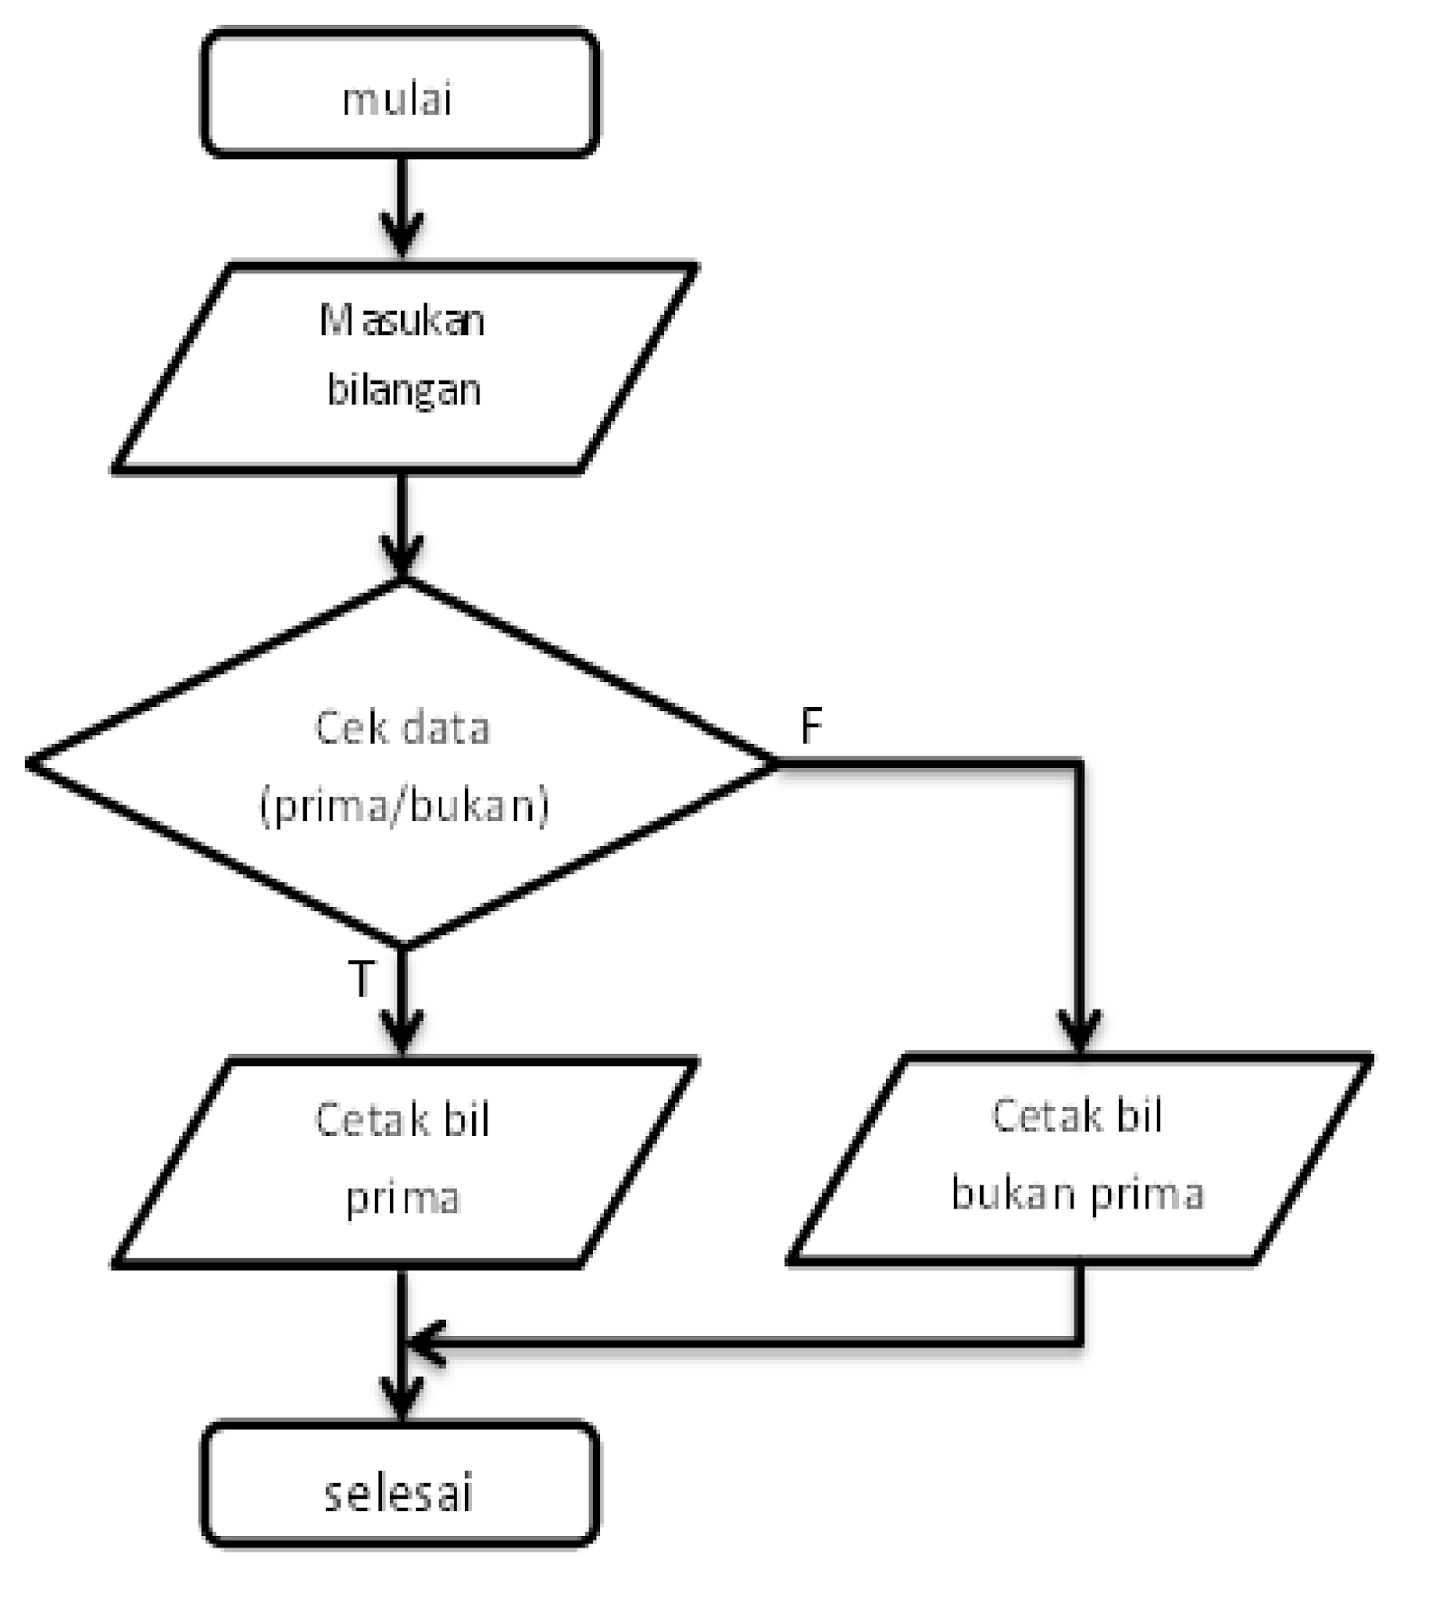 Prakdaskom pemrograman contoh diagram alir untuk menentukan contoh diagram alir untuk menentukan sebuah bilanganmeruapakan bilangan prima atau bukan ccuart Gallery